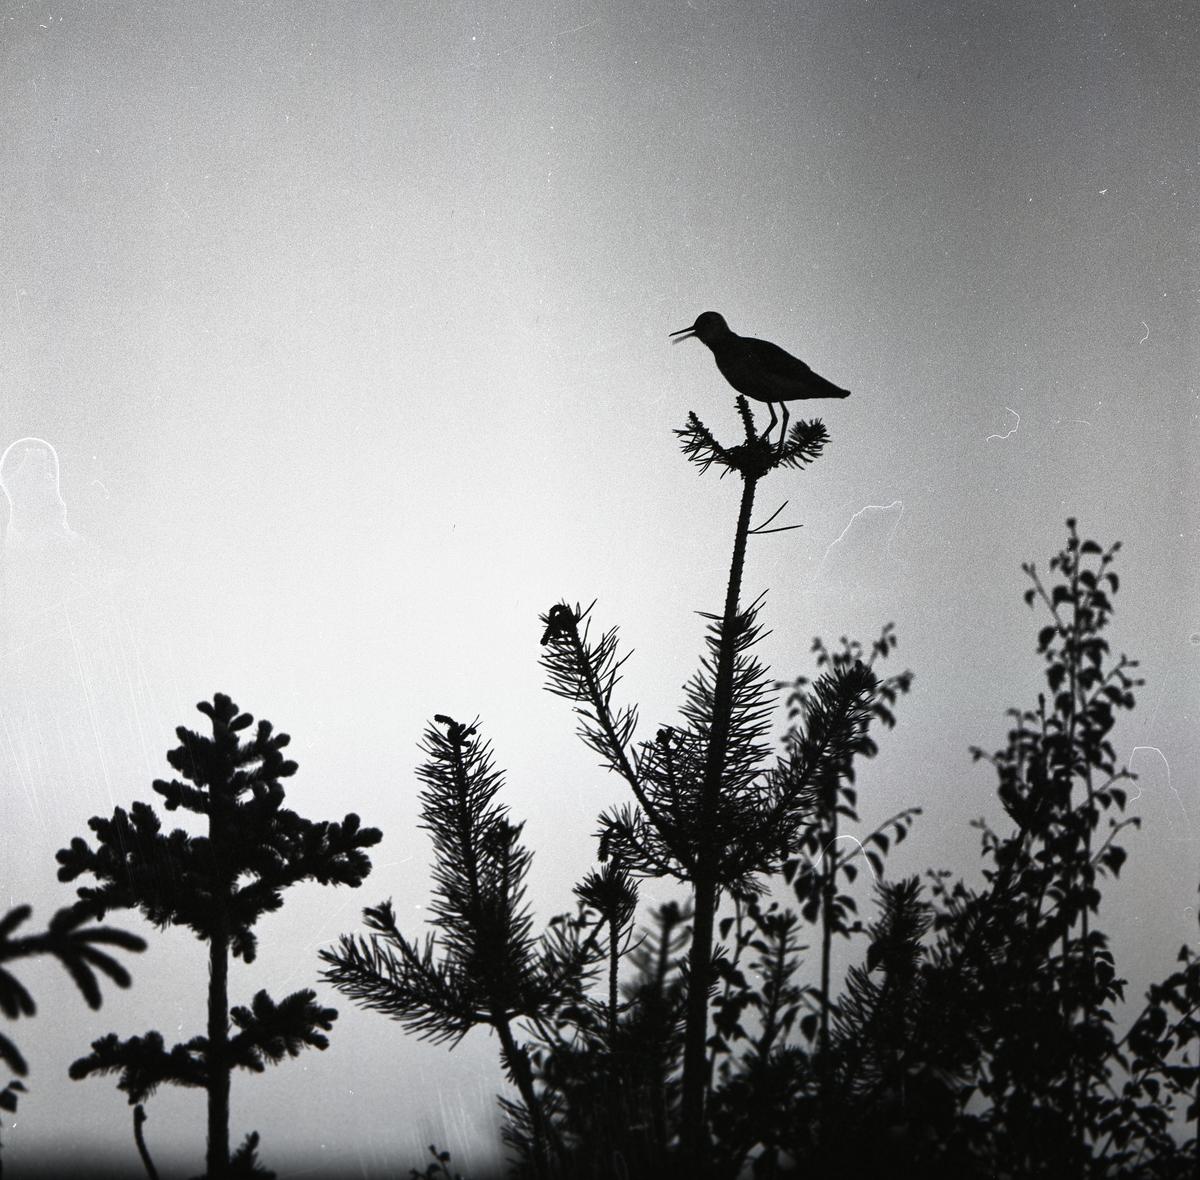 En grönbena sitter i trädtopp vid Sanbacken, 24 maj 1959.